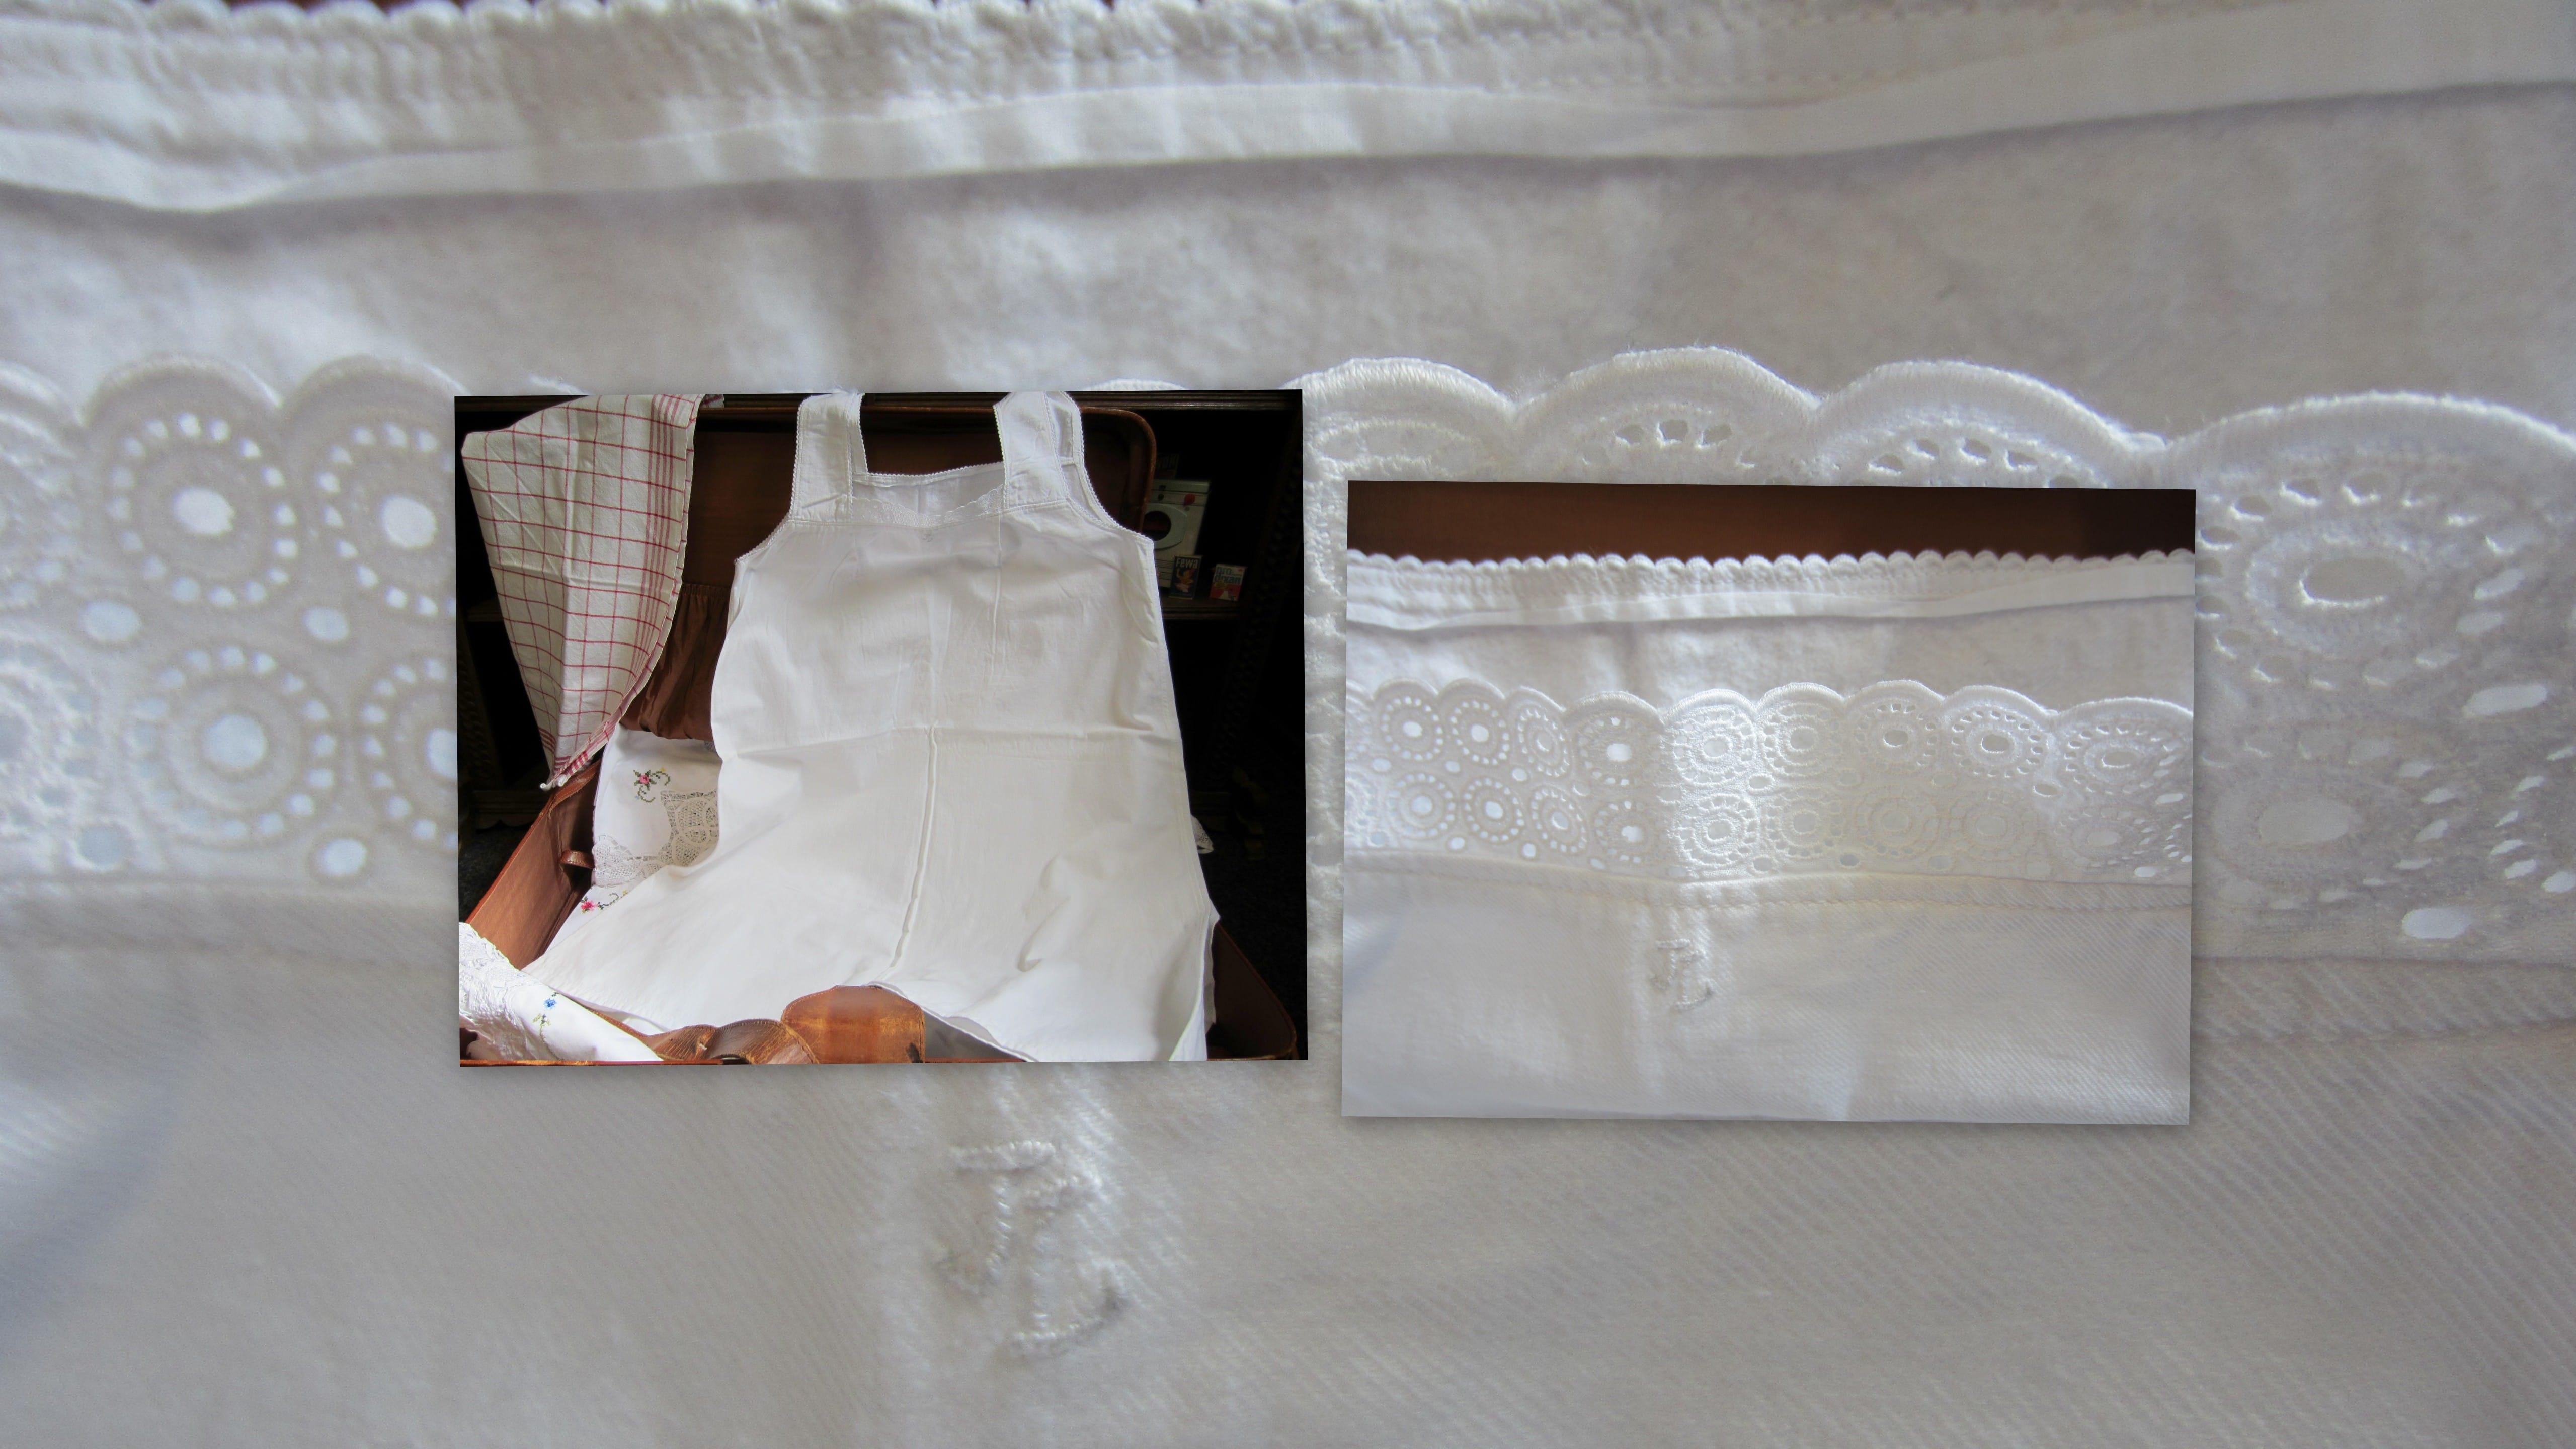 bestbewertet Rabatt zum Verkauf exquisite handwerkskunst Altes Leinen-Nachthemd - verschiedene Modelle aus 1920 ...